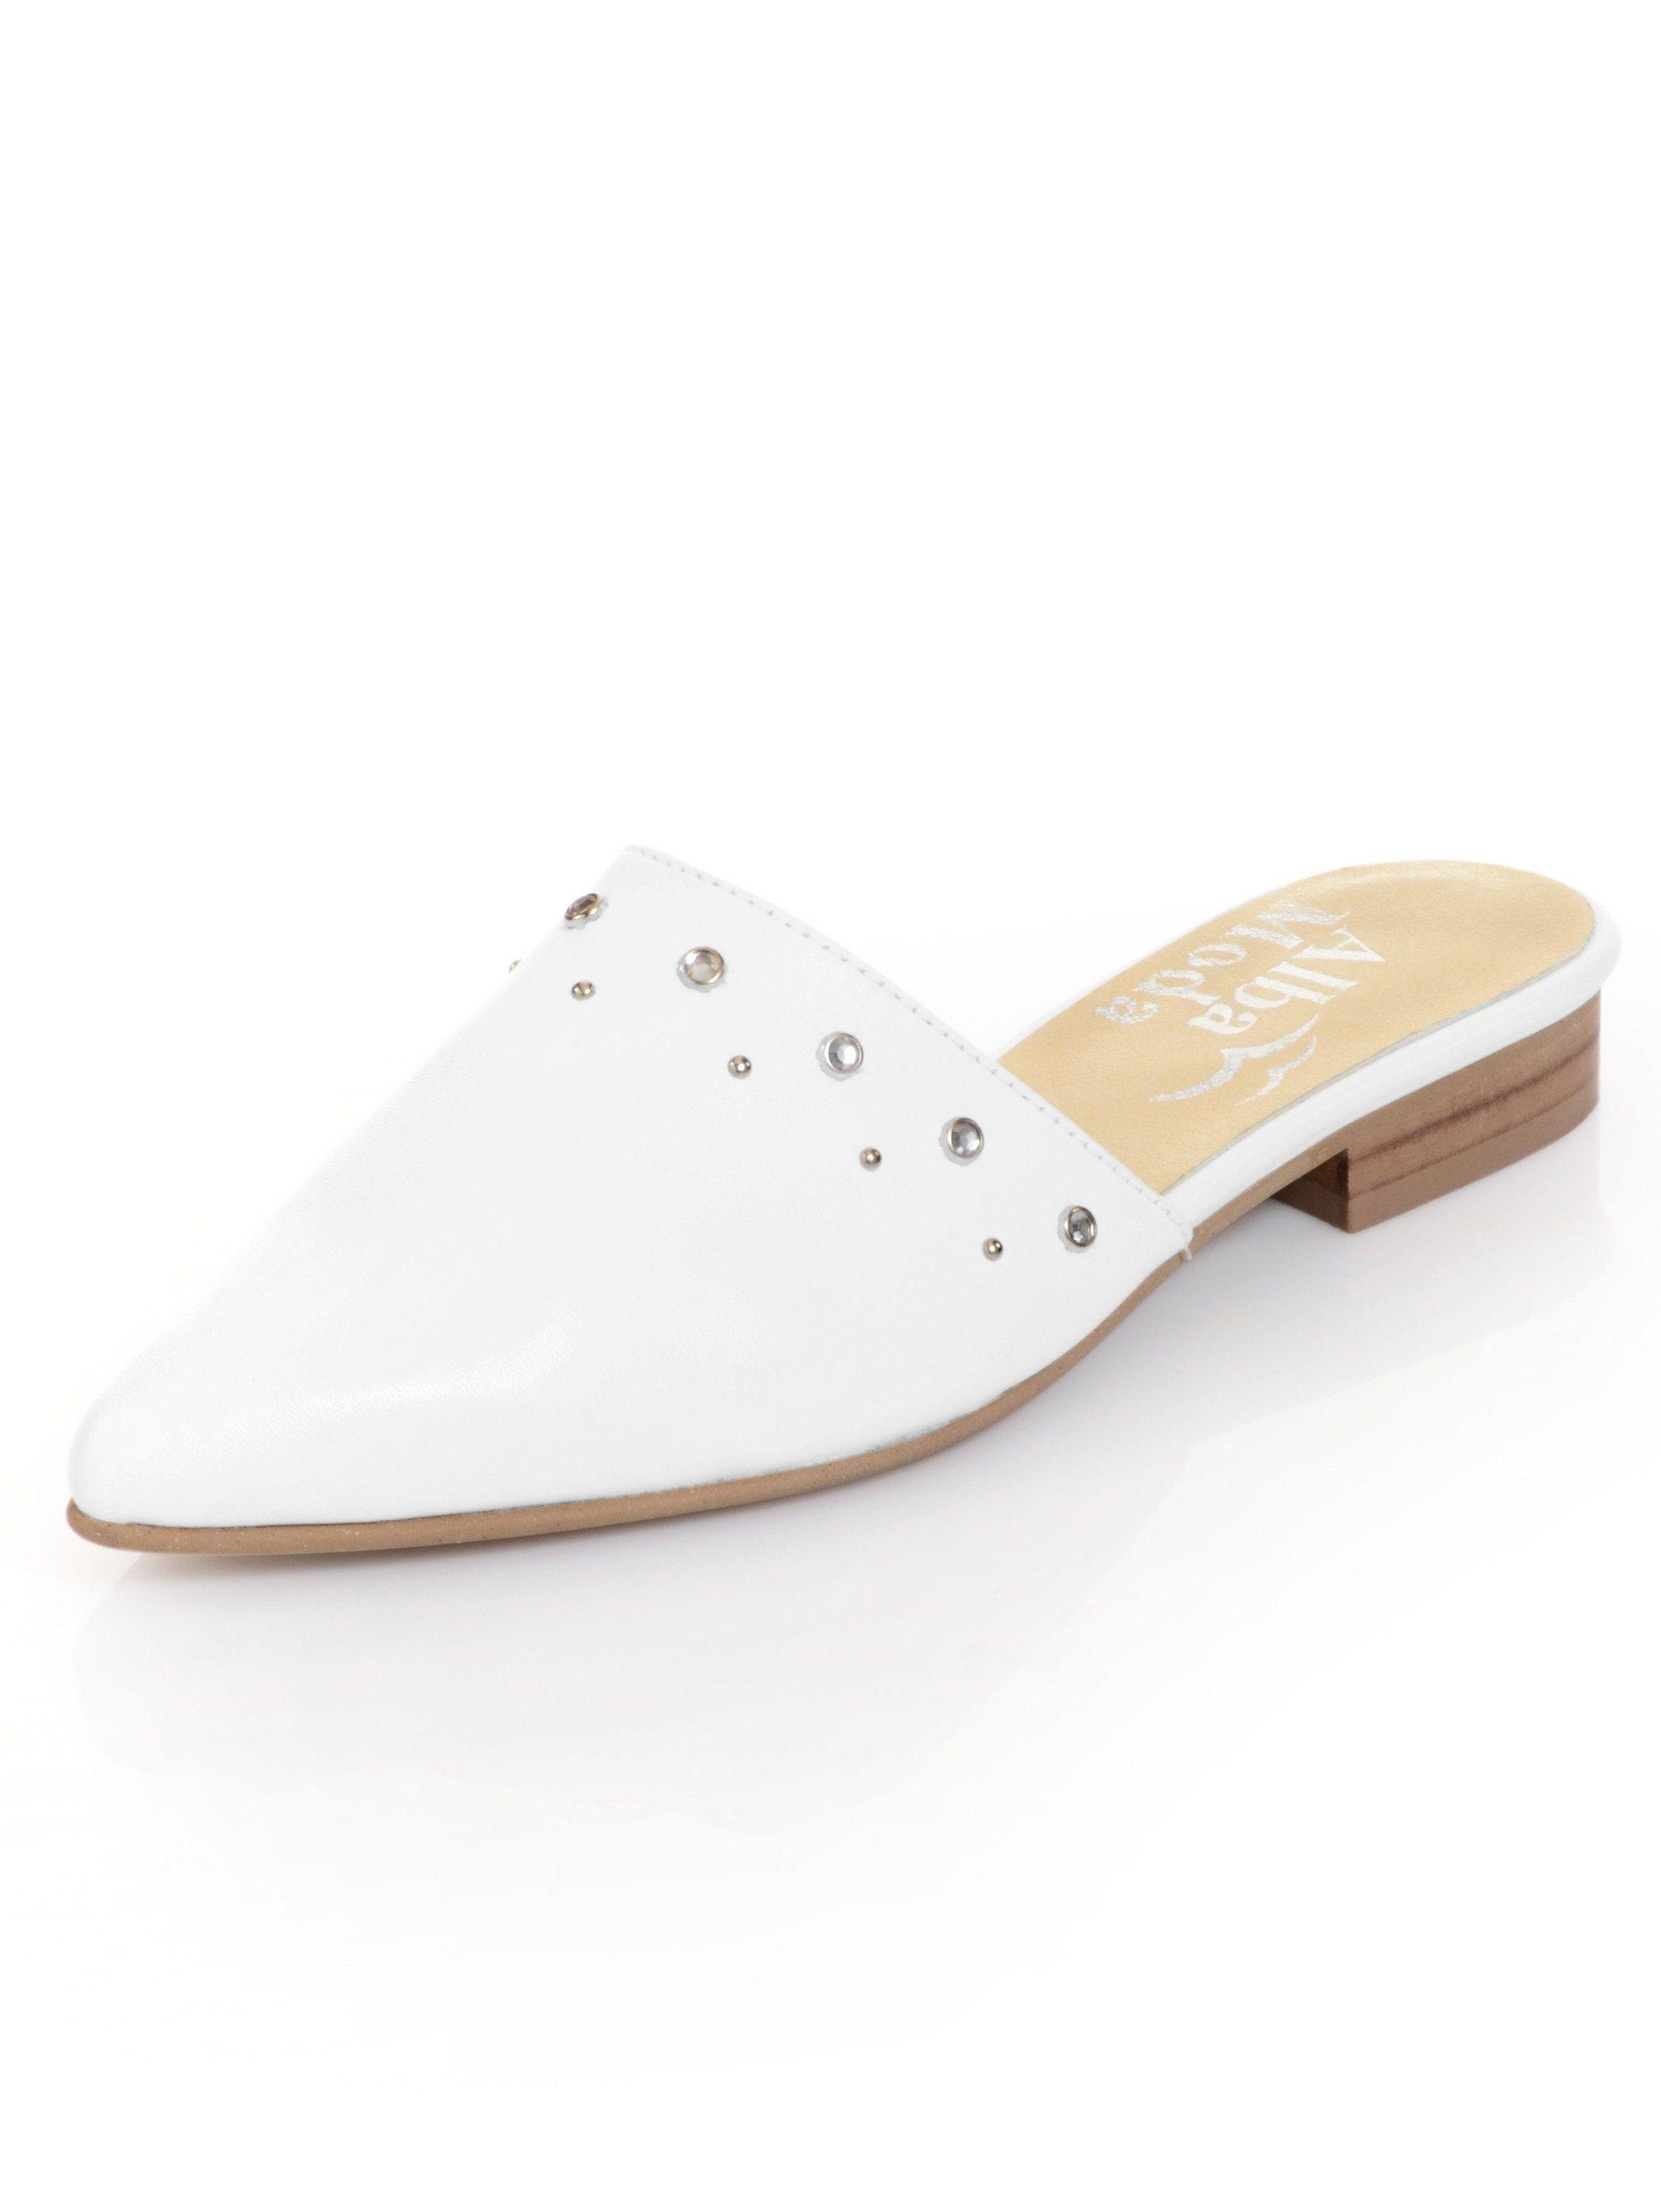 Alba Moda Sabot mit silberfarbenen Nieten besetzt  weiß